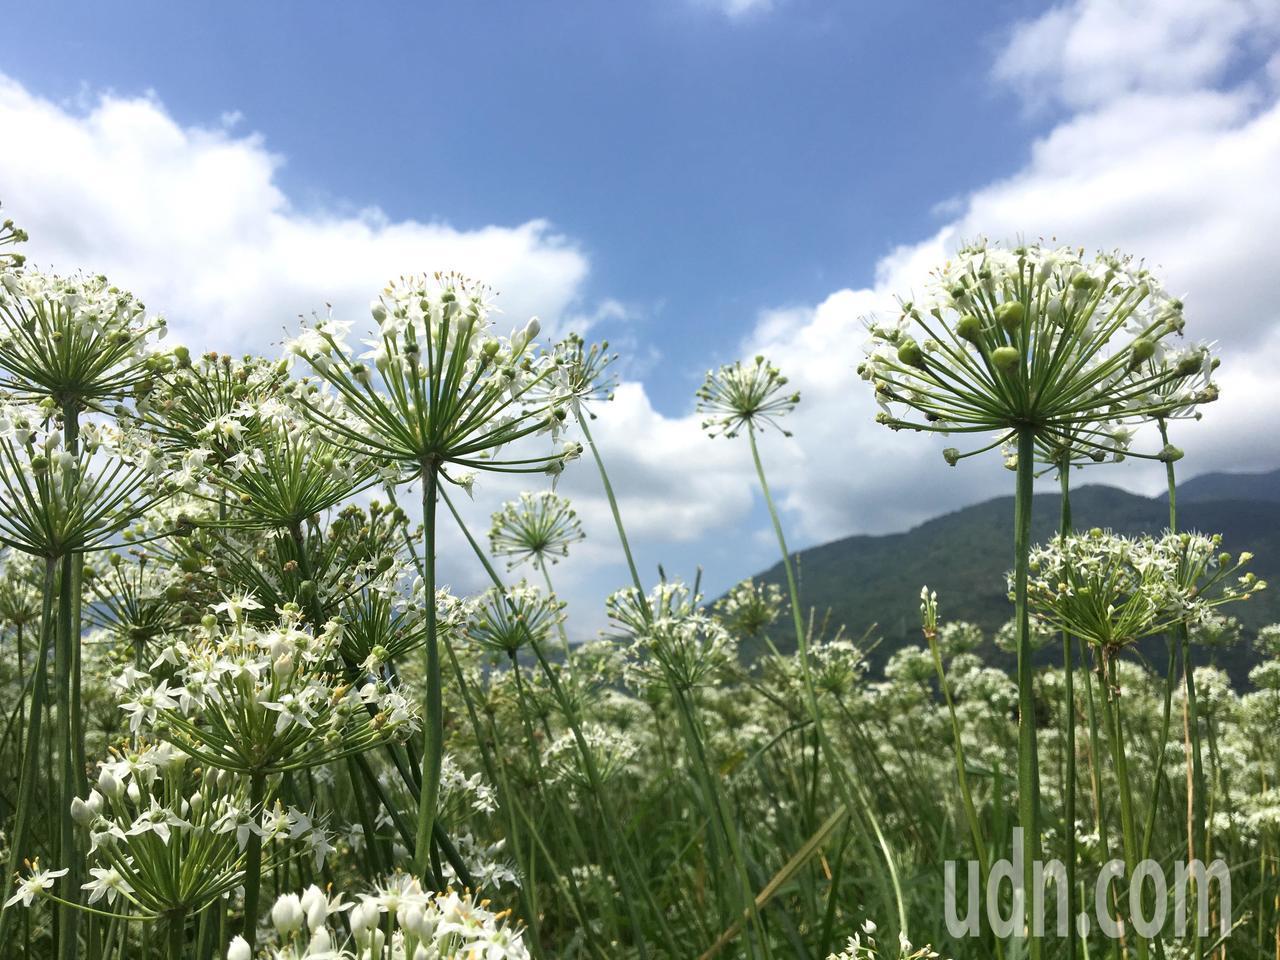 韭菜花的細白碎花朵隨風搖曳,點綴著鄉間小路。記者徐庭揚/攝影